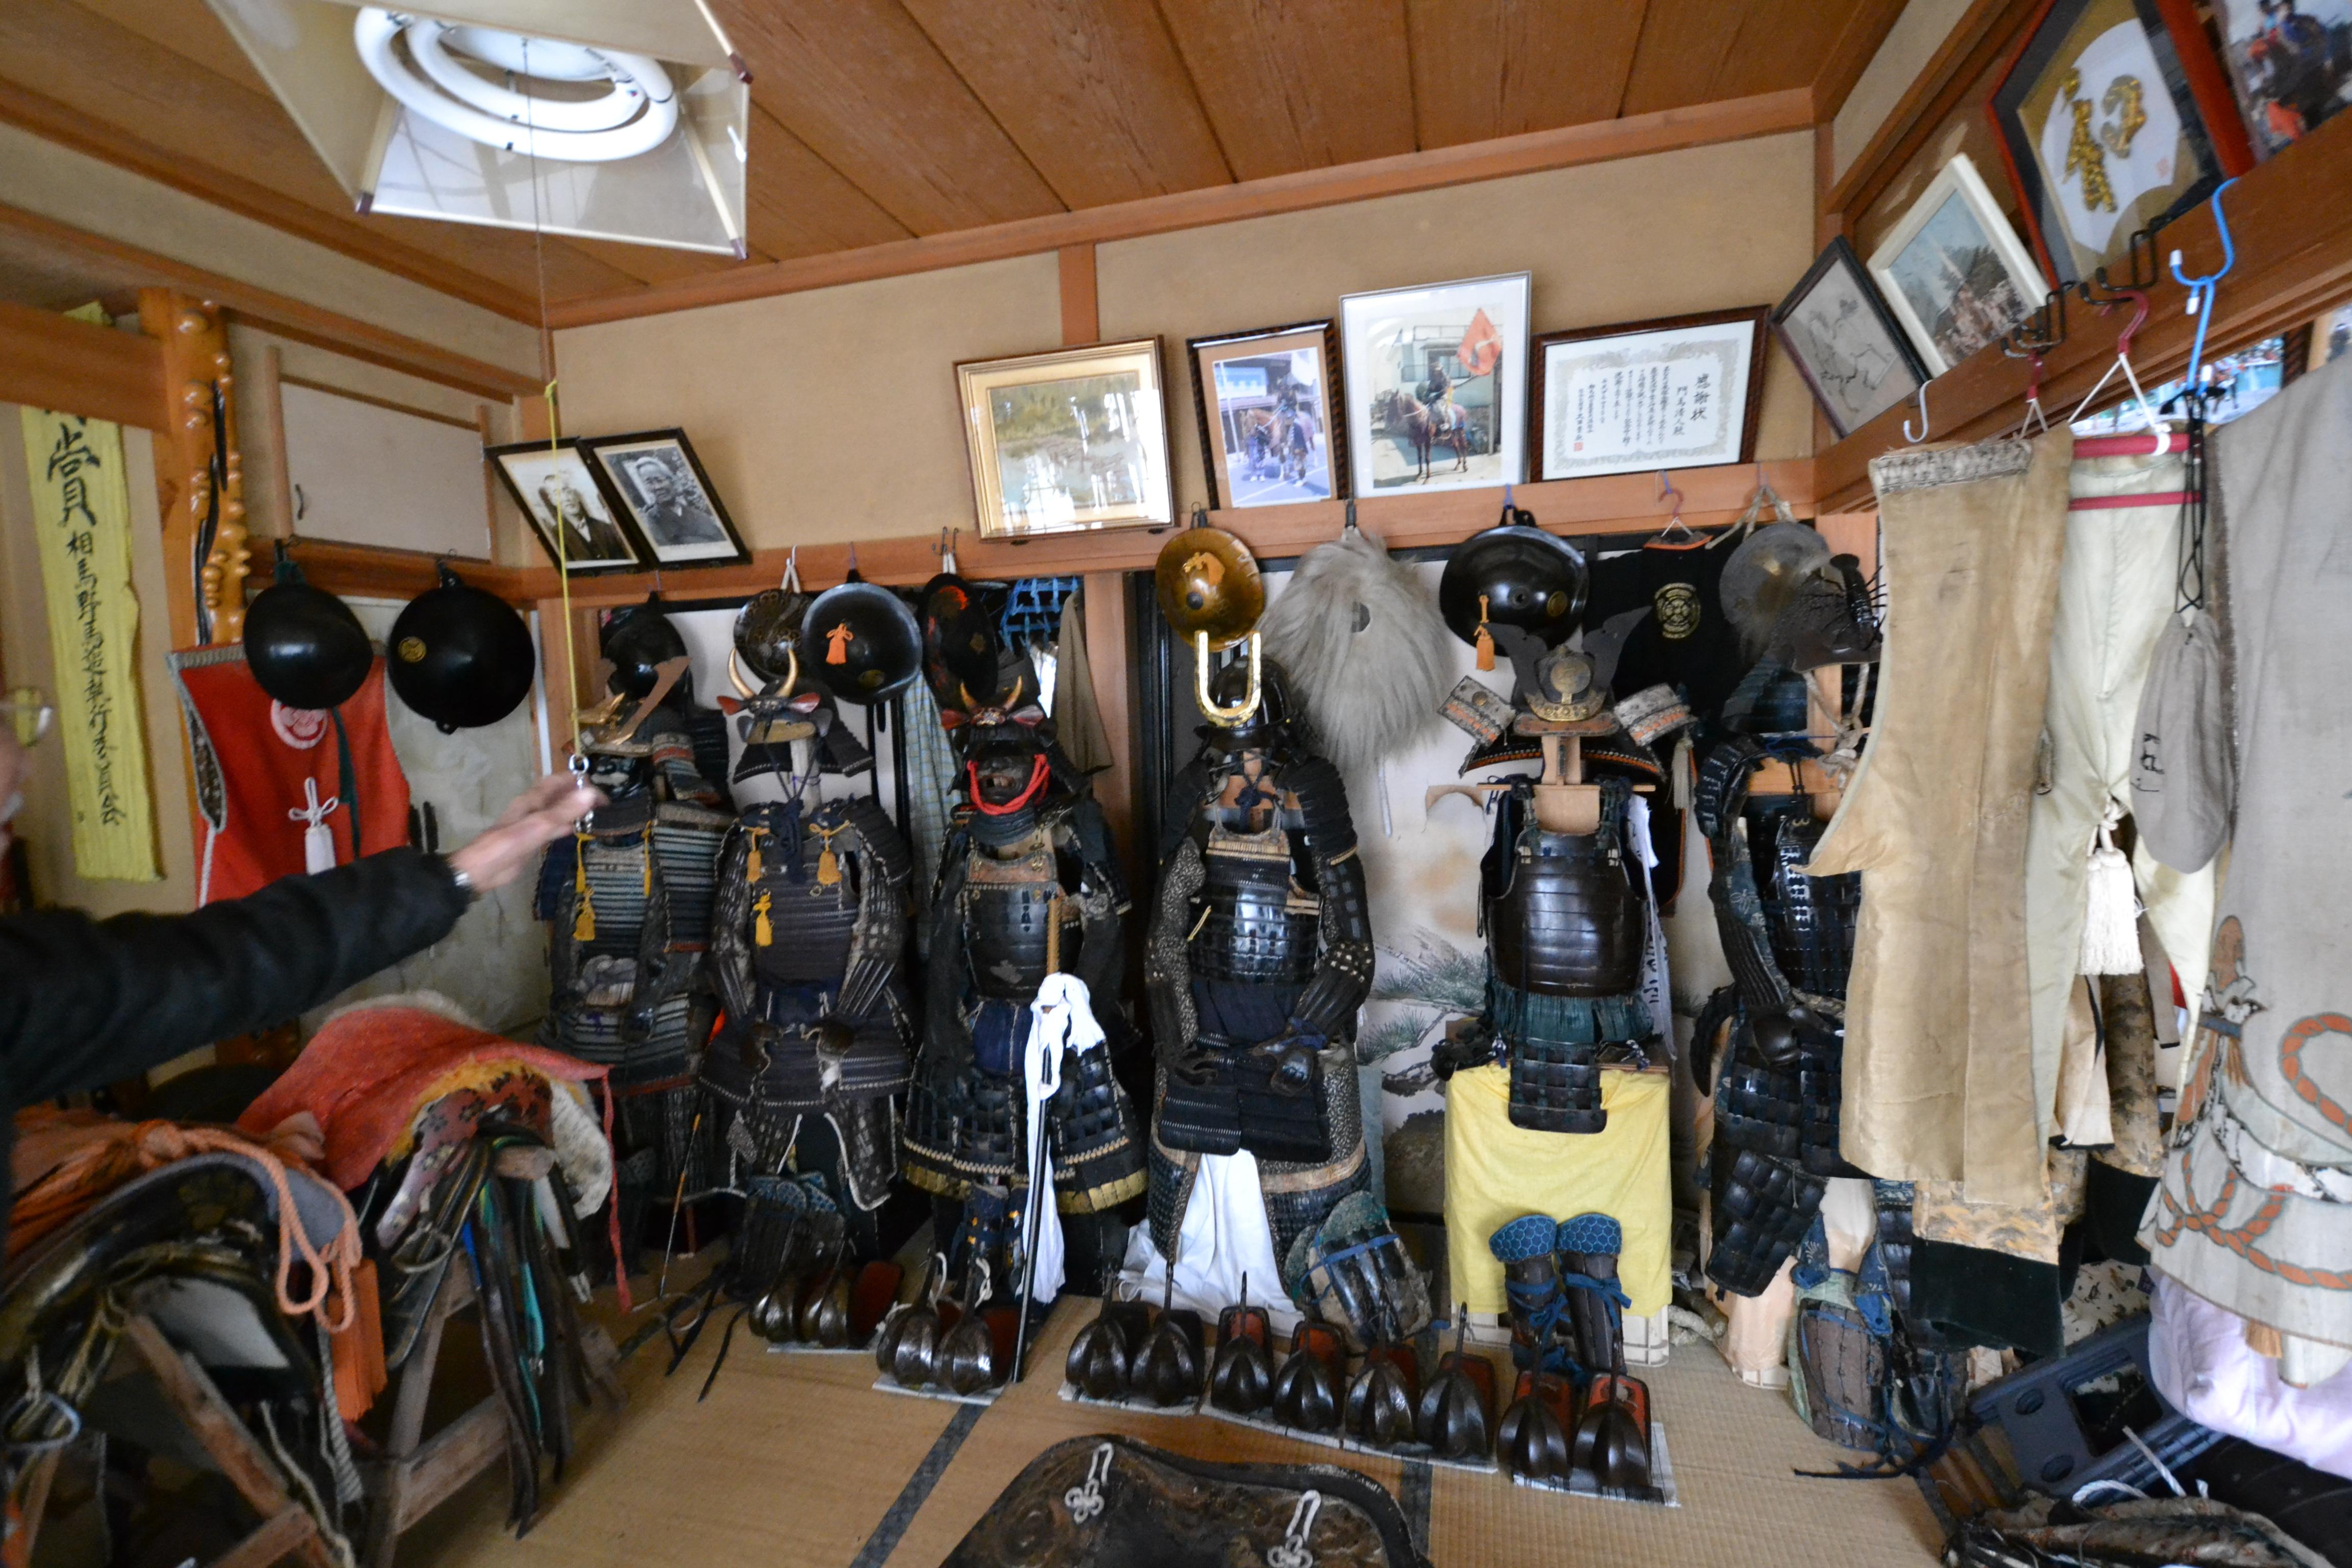 minamisoma samurai home with armor.JPG